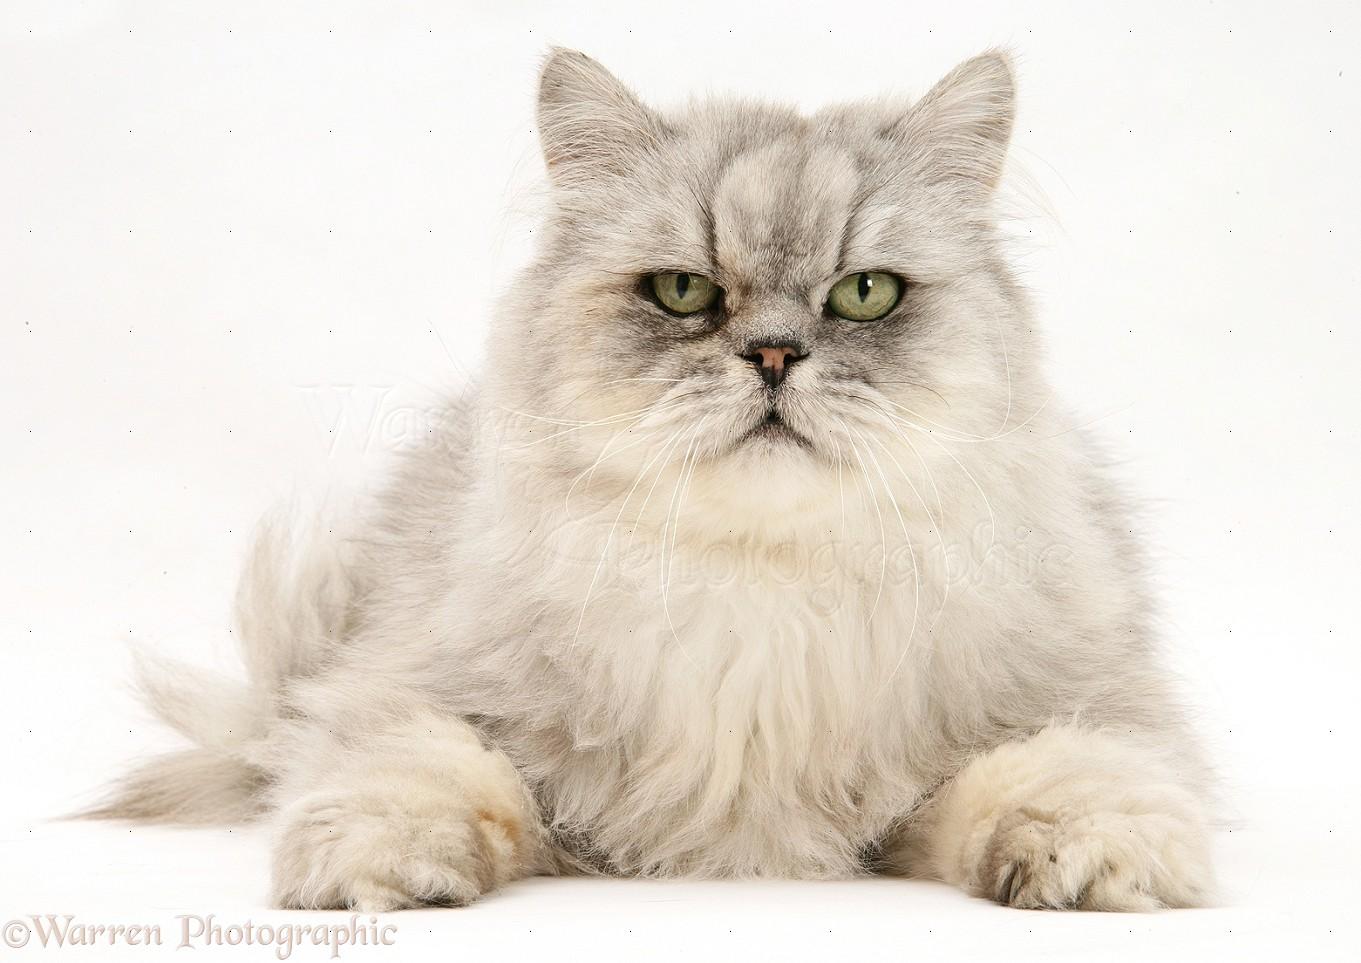 Chinchilla Persian male cat photo - WP17133 Tabby Persian